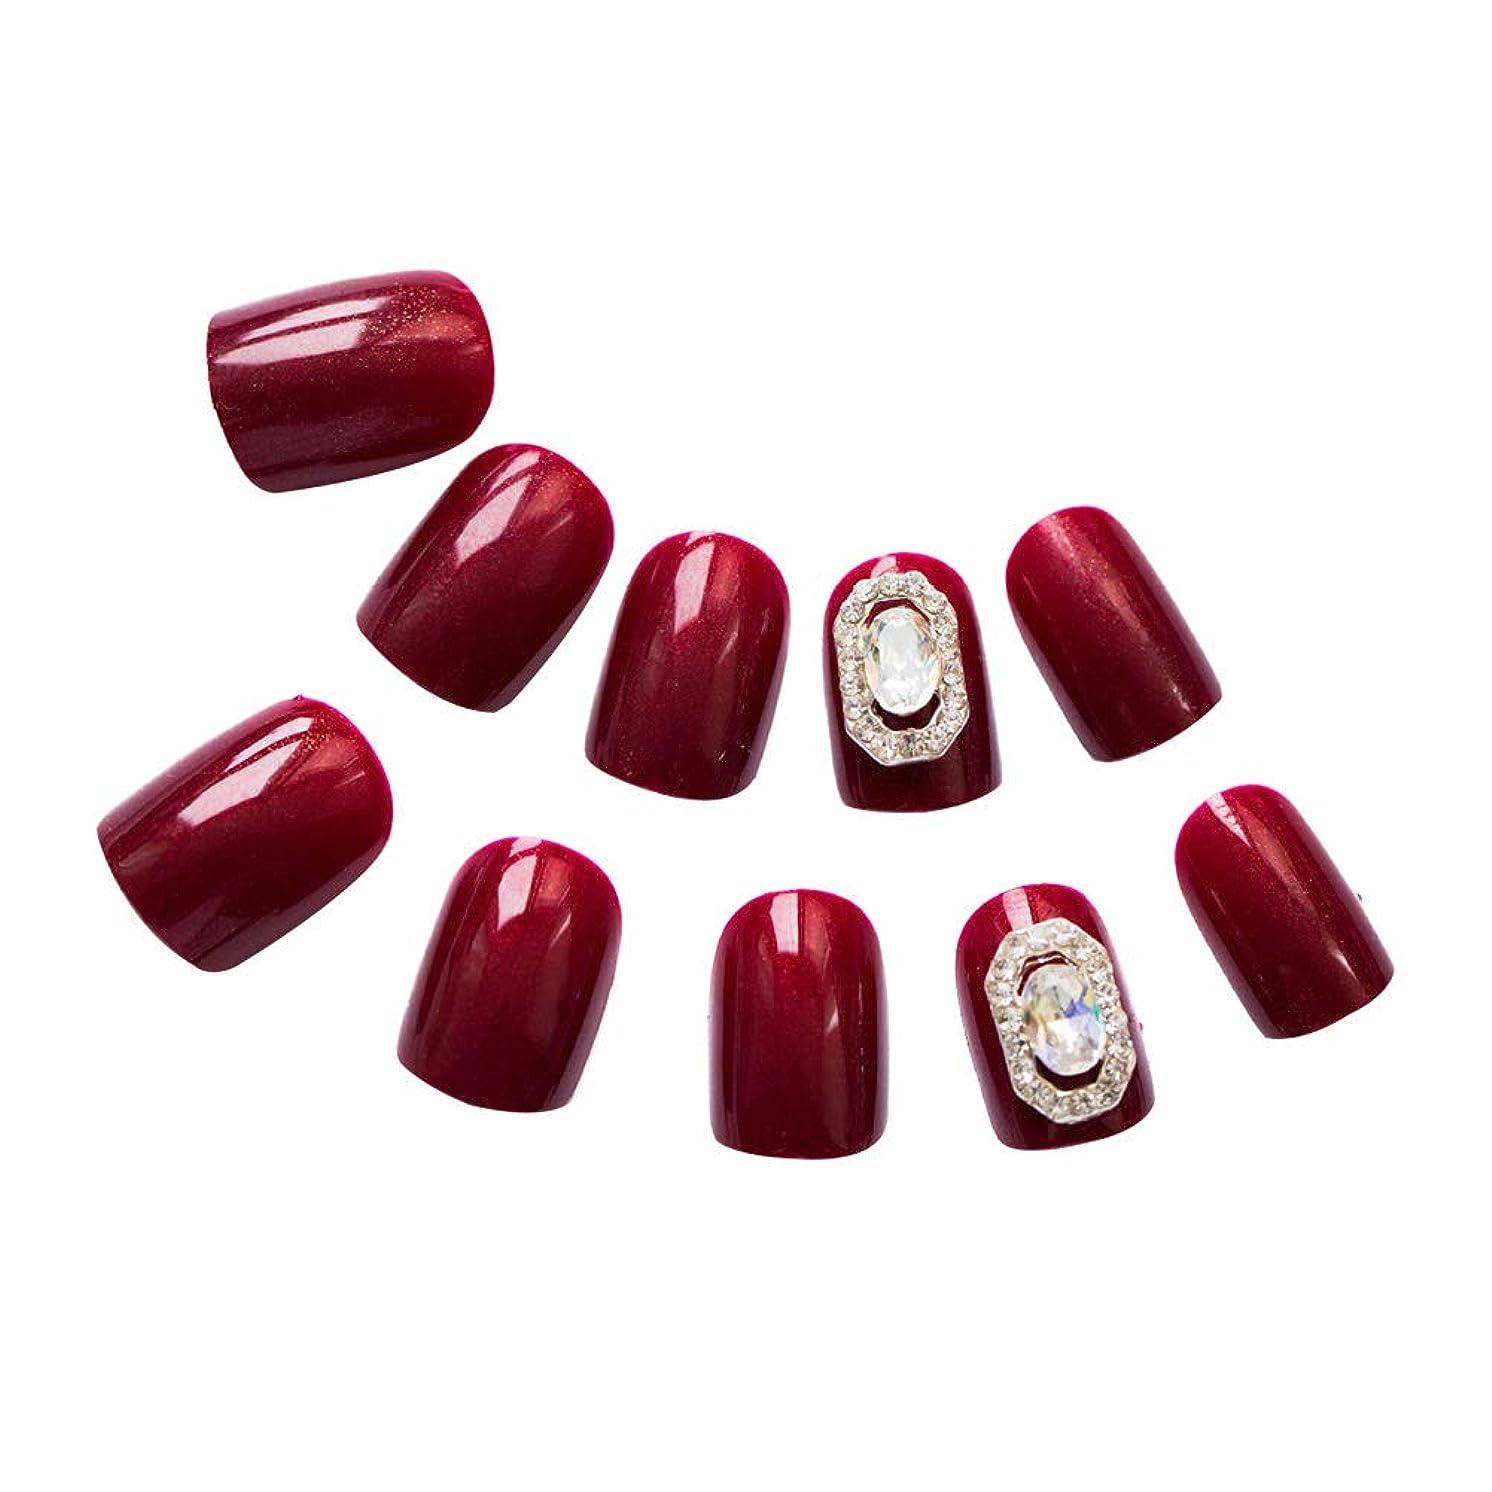 精査する理由マーキーFrcolor ネイルシール ネイルステッカー 赤い ダイヤモンド DIYネイルアプリーク 24枚セット